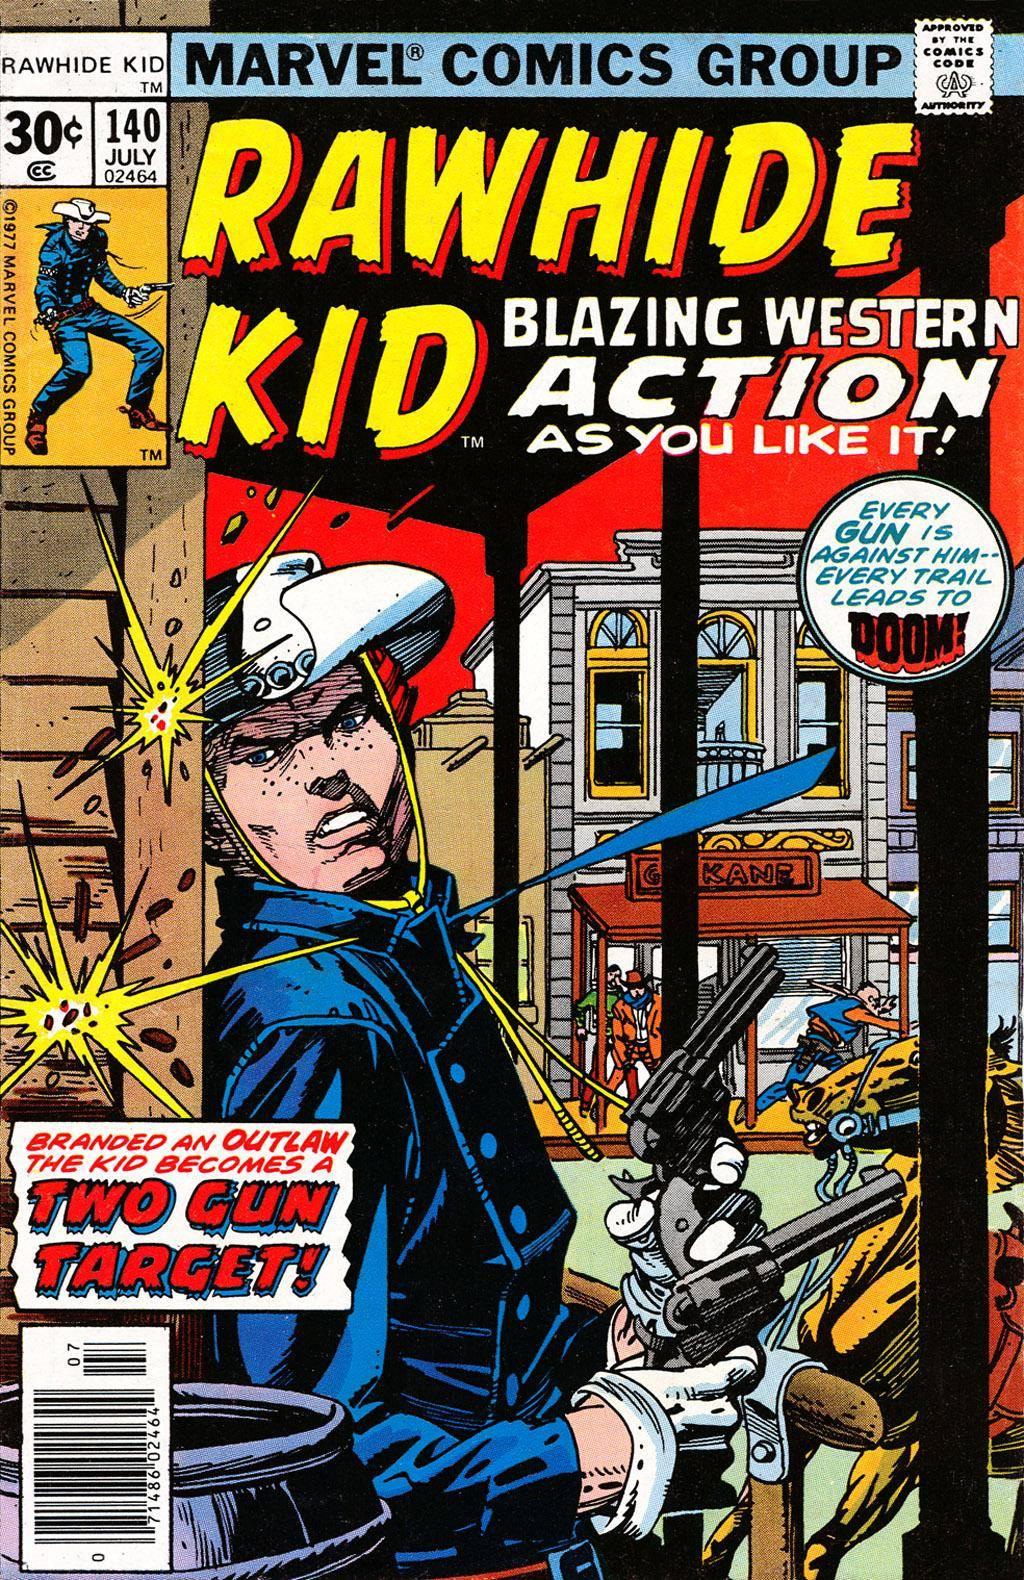 Rawhide Kid v1 140 1977 Brigus